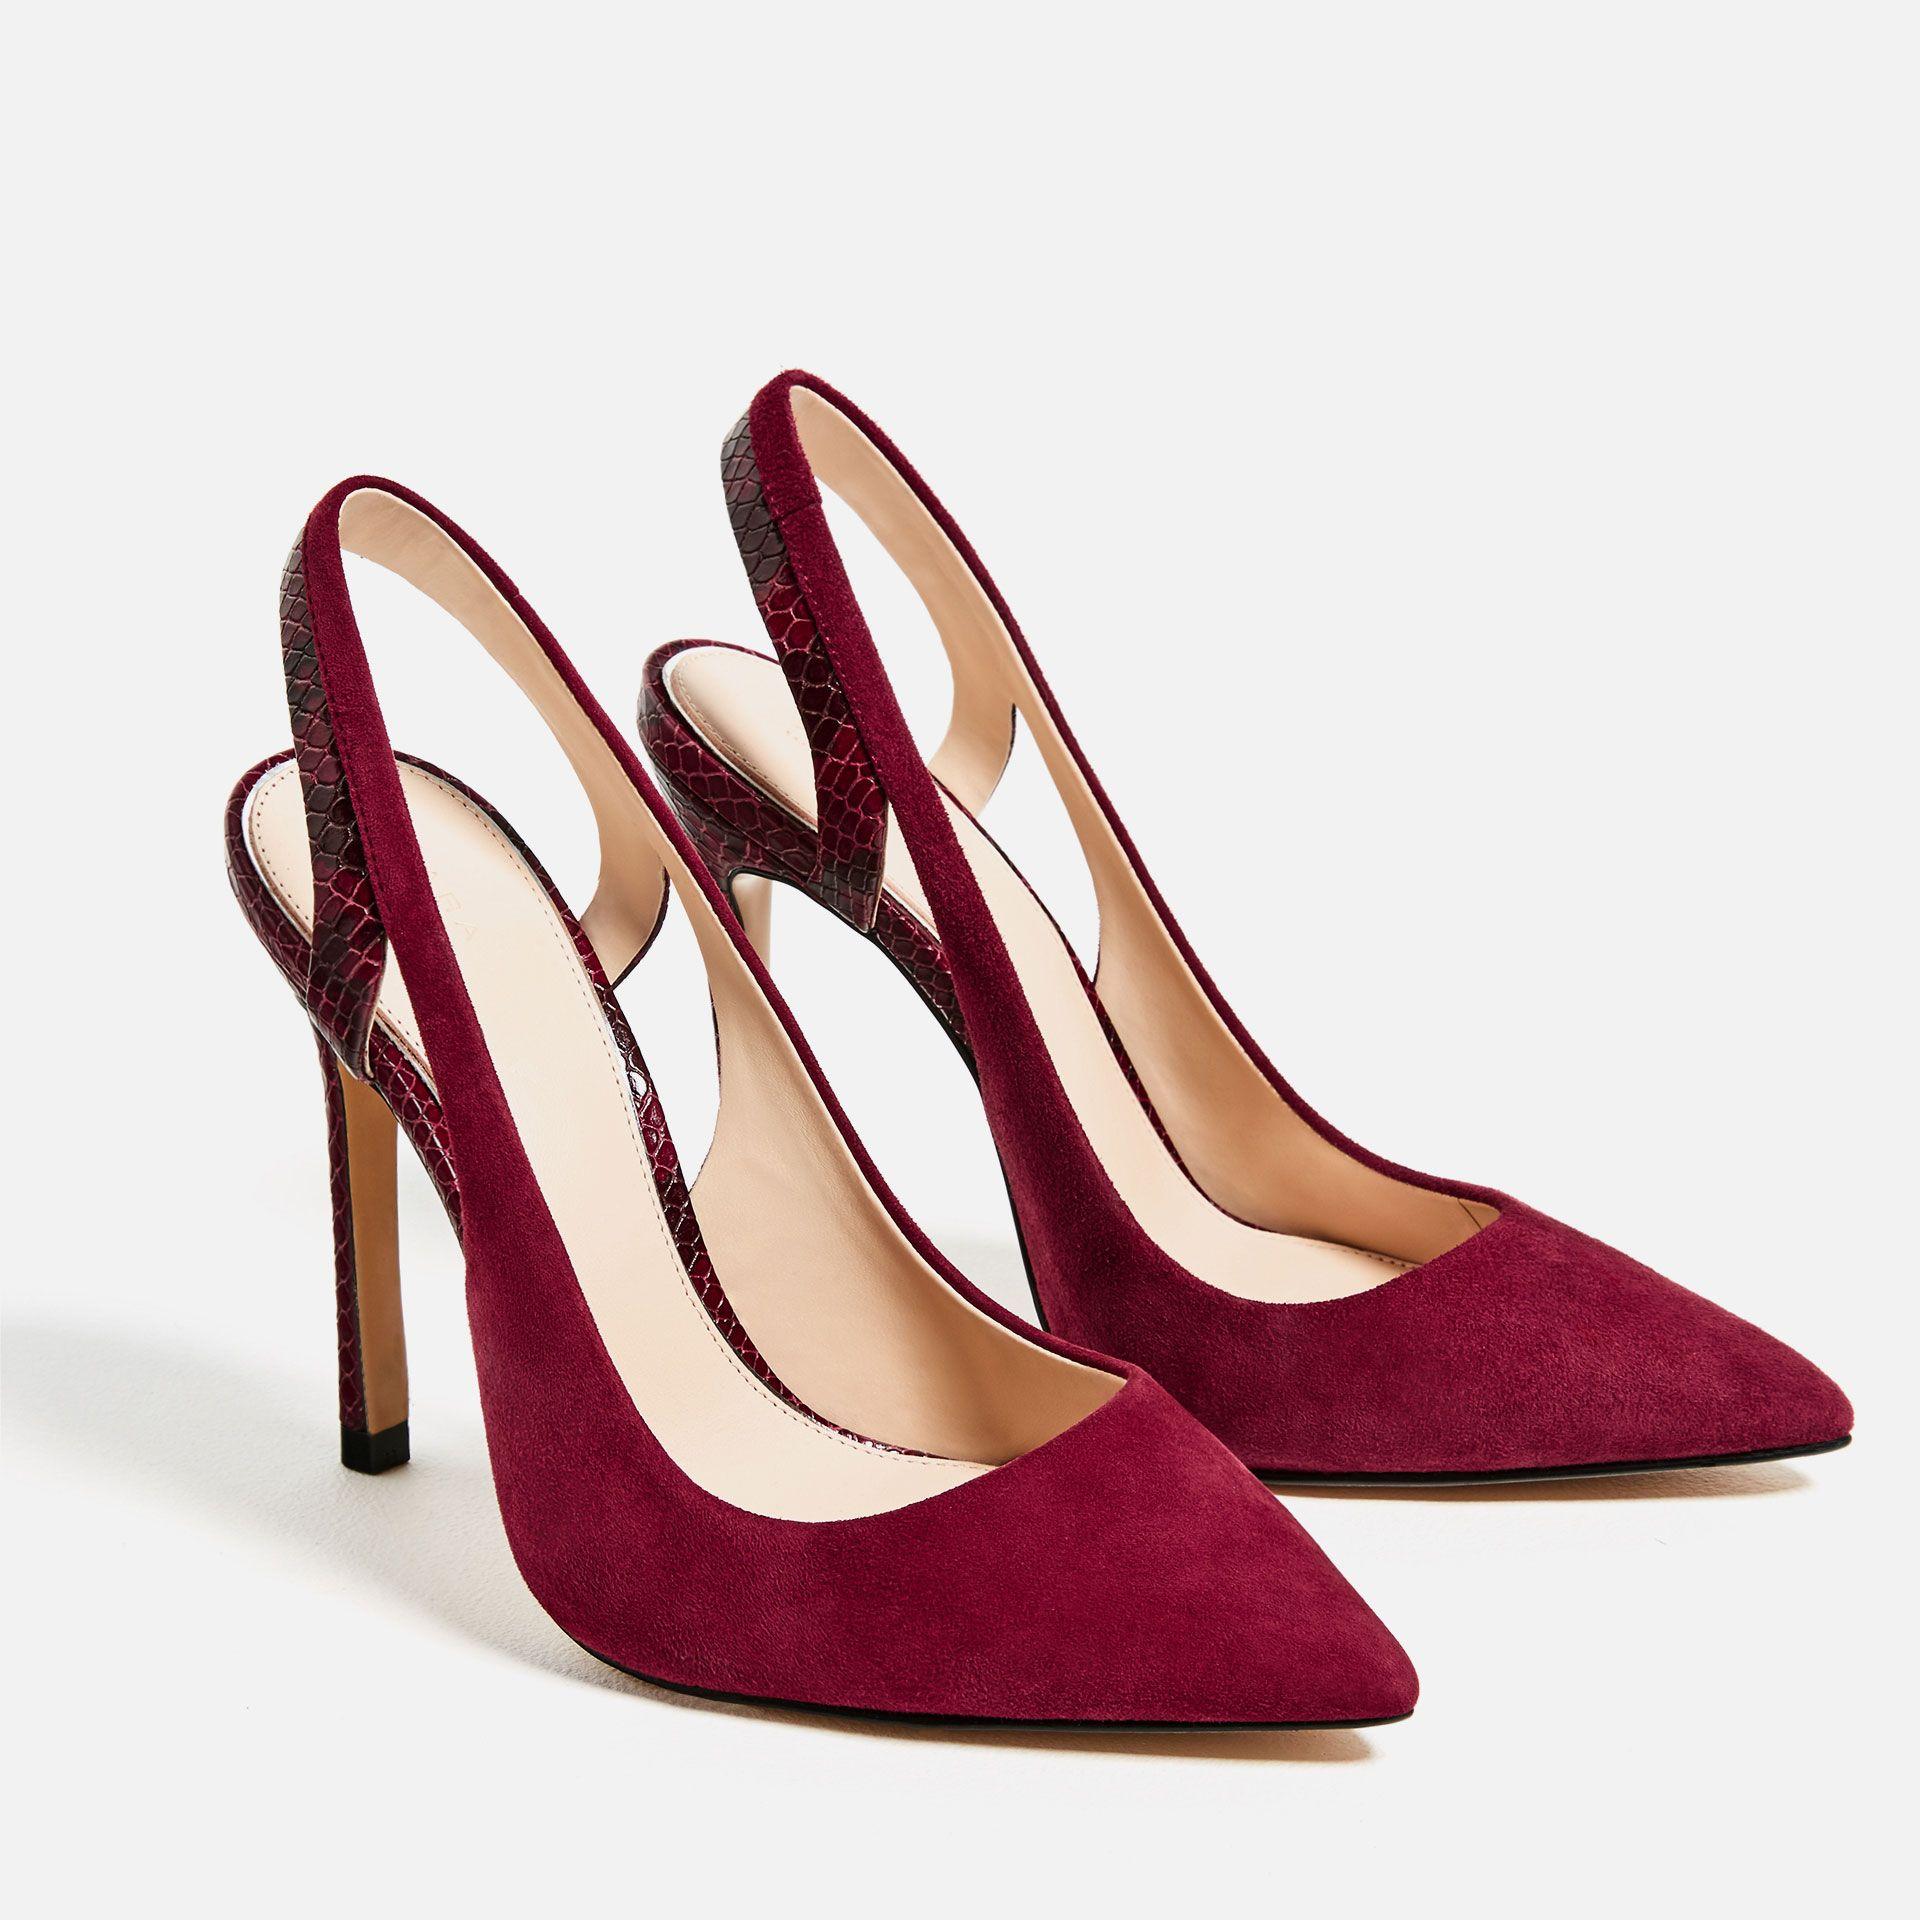 601e9f08c8 Zapato de tacón destalonado, Zara. | Complementos para invitadas ...